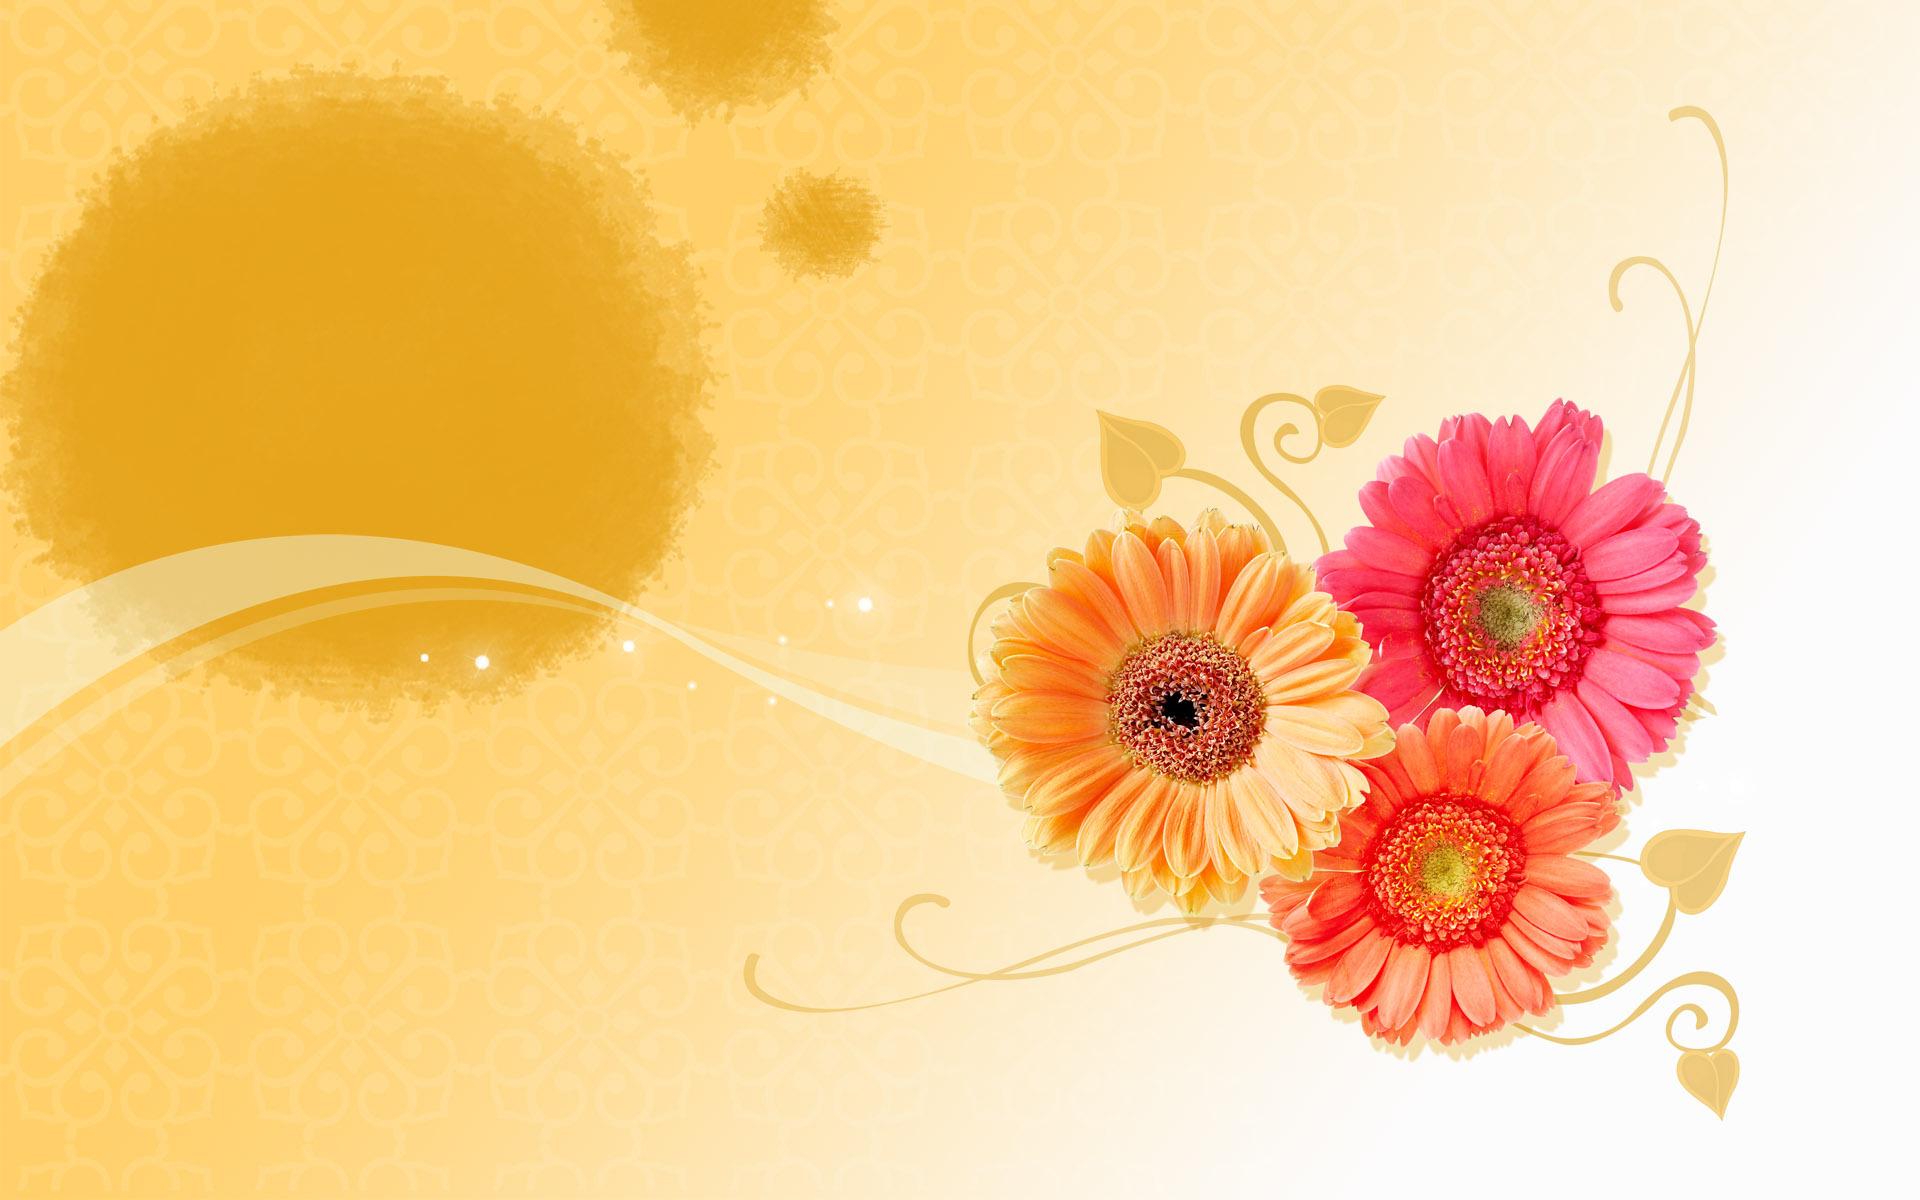 Фоновые картинки на открытку, красивые